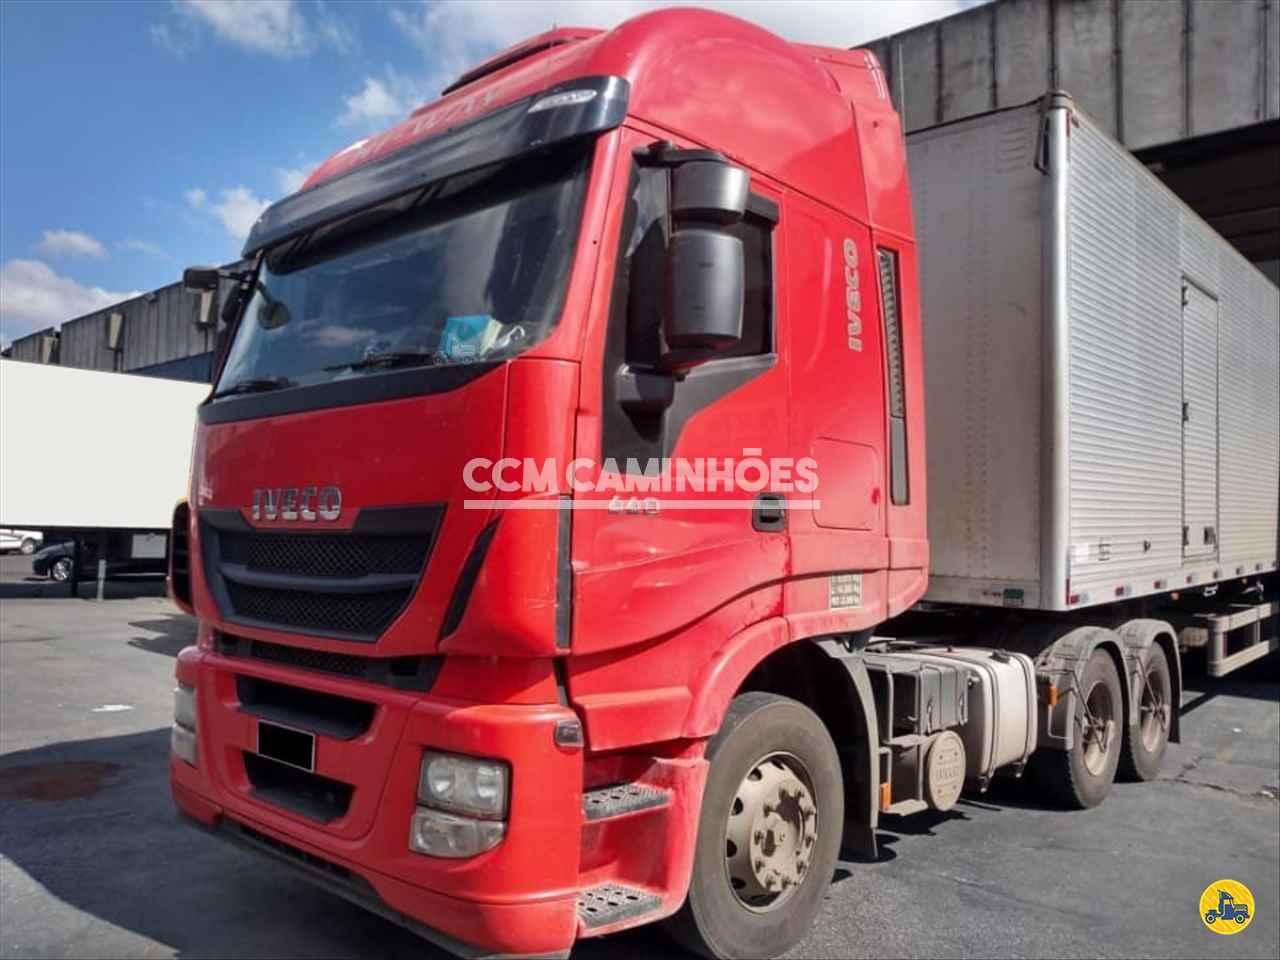 CAMINHAO IVECO STRALIS 440 Cavalo Mecânico Truck 6x2 CCM Caminhões GOIANIA GOIAS GO